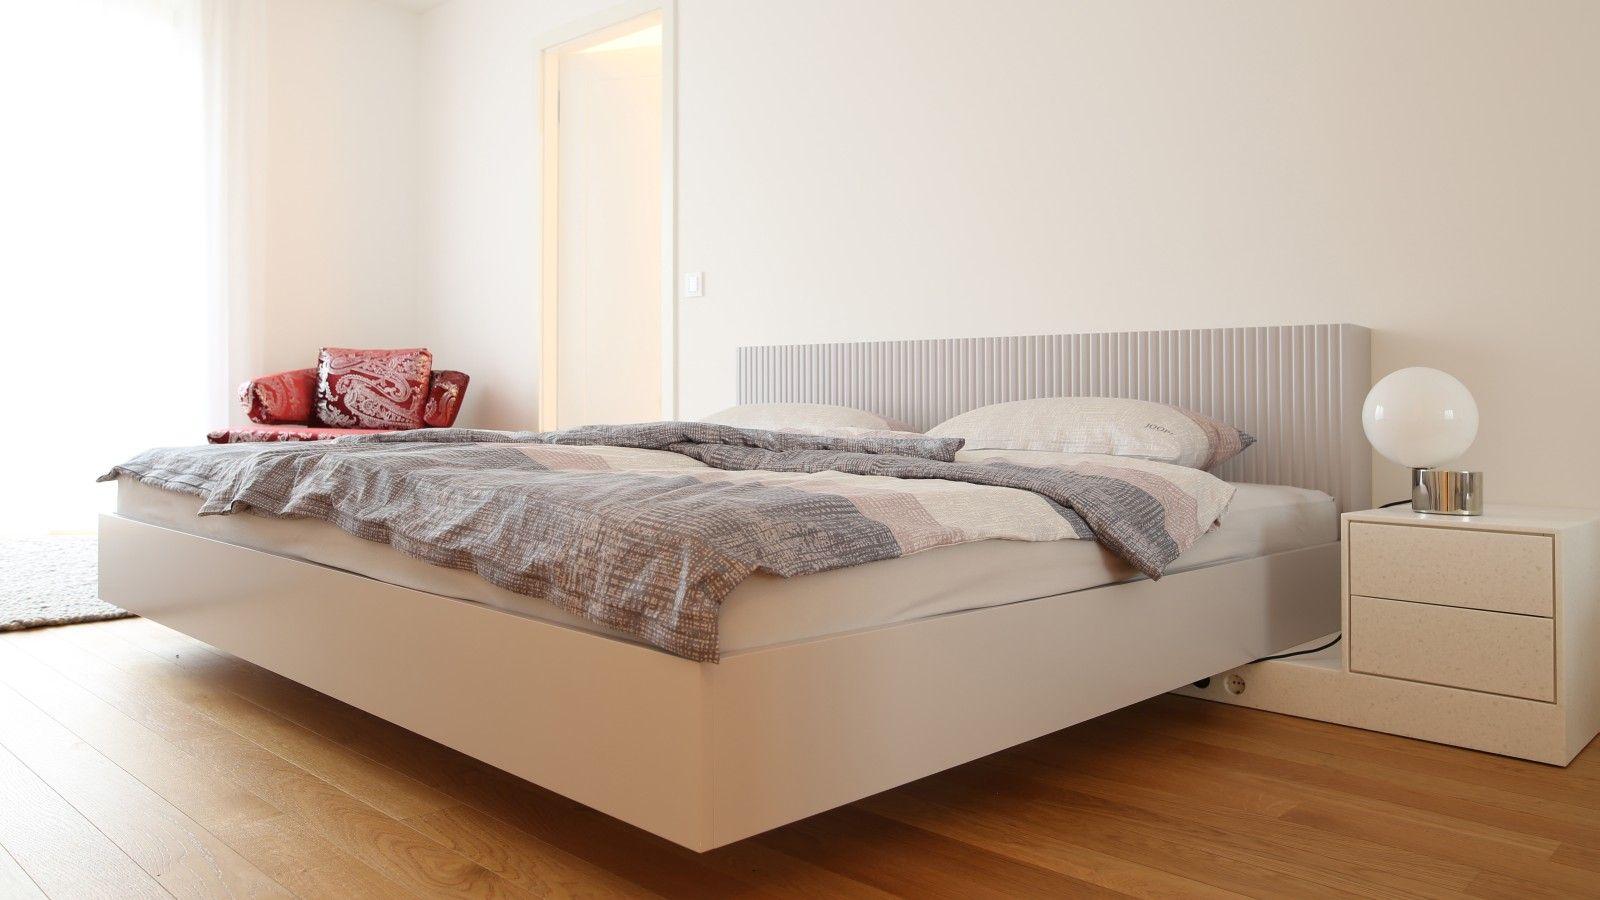 Bett, schwebend, Schlafzimmer Haus deko, Bett, Designer bett